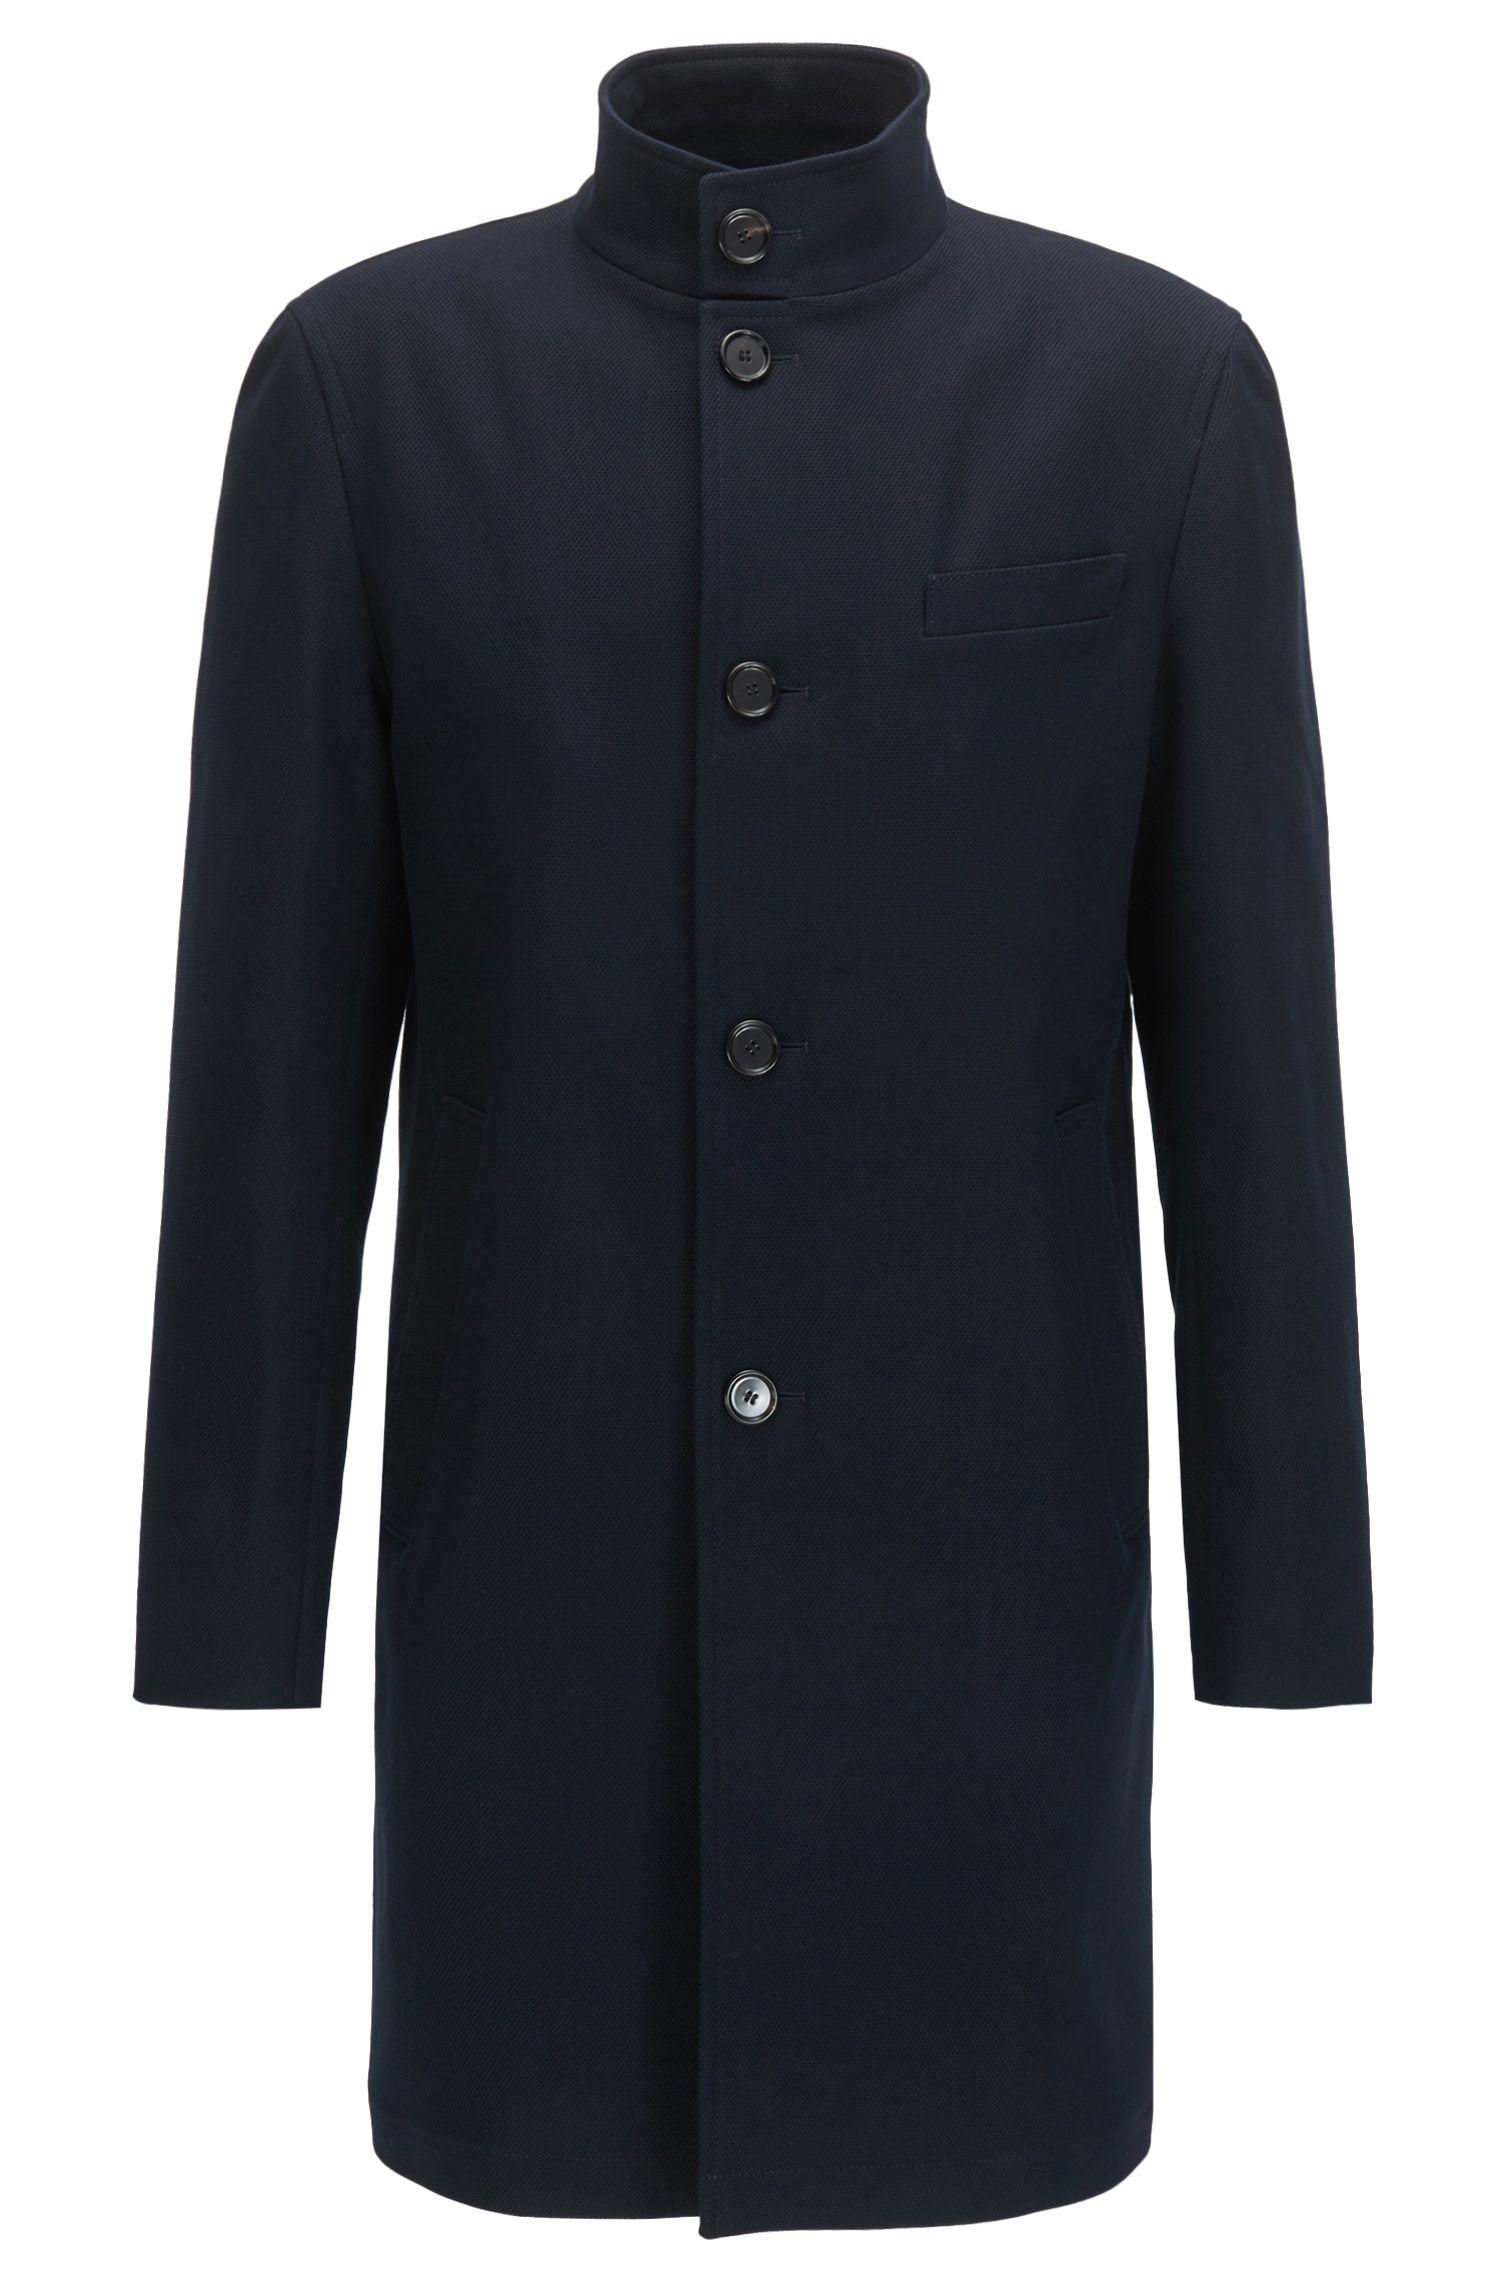 Mantel aus Stretch-Baumwolle mit Stehkragen